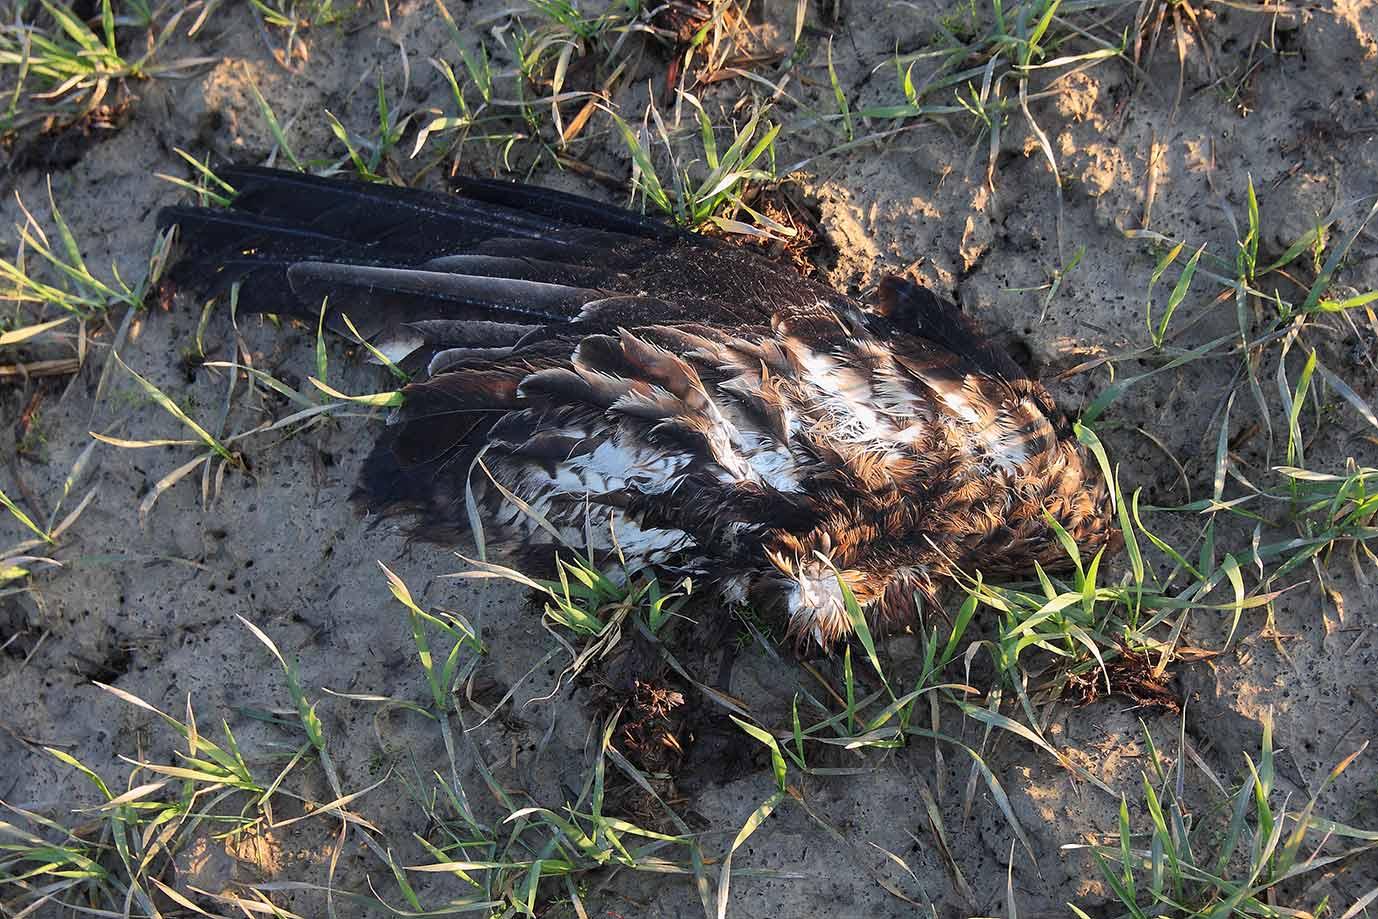 """Der abgeschlagene Flügel fand sich 20 m entfernt. 29.03.2018. Foto H. Knüwer"""" width="""